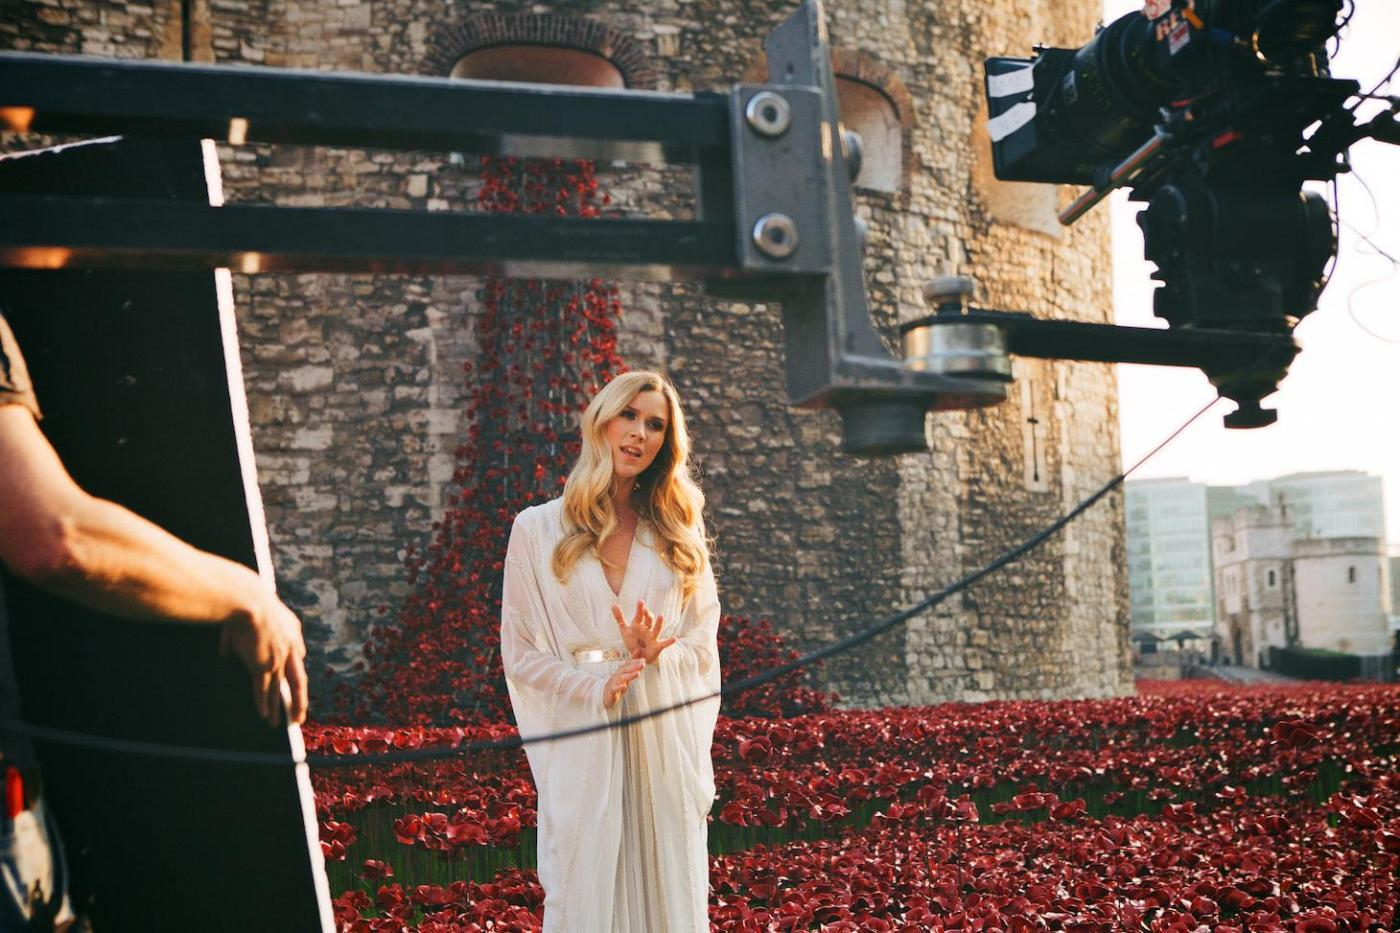 Joss stone tra i papaveri rossi canta il soldato caduto - Papaveri e veterani giorno di papaveri e veterani ...